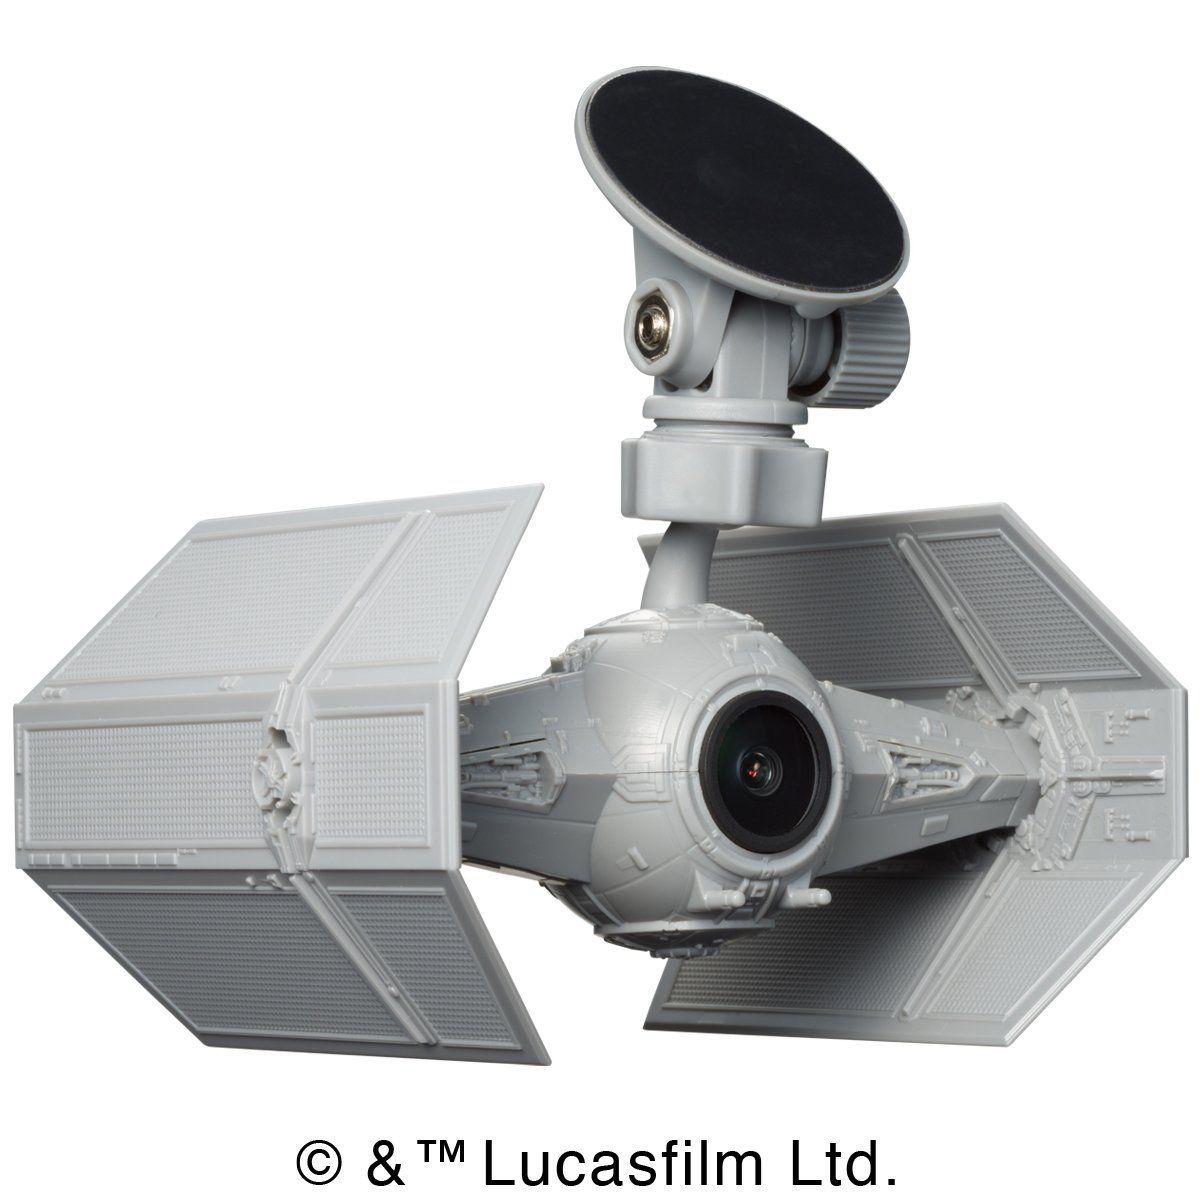 【限定販売】スター・ウォーズ『スターウォーズ ドライブレコーダー SW-MS01』カー用品-006